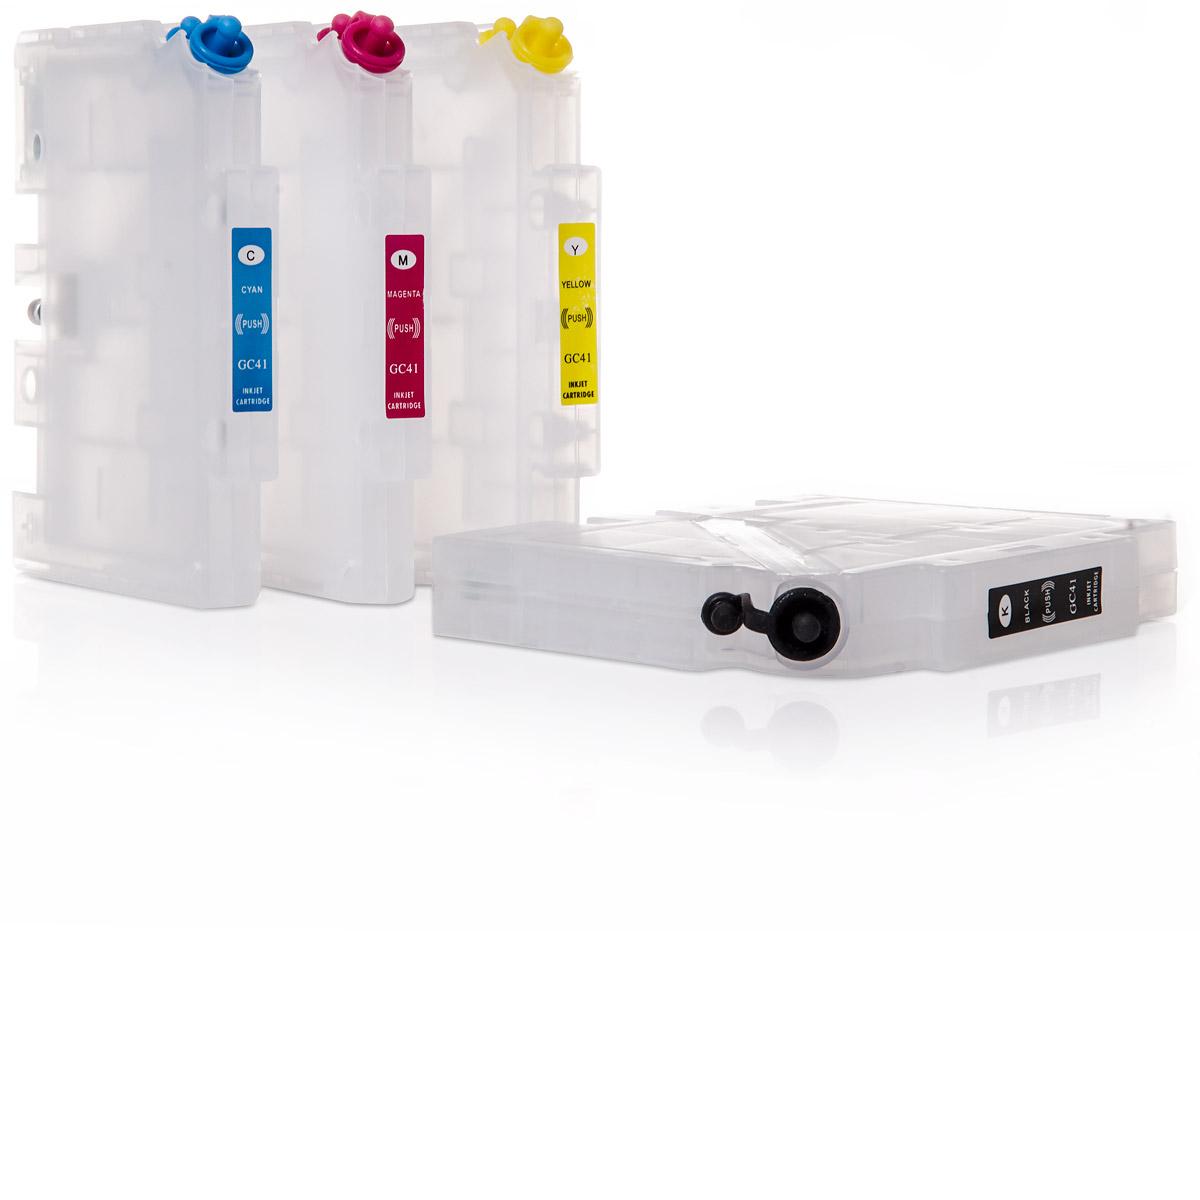 4x Ricoh® Geldrucker GC-31 kompatible Refill-Patronen mit Auto-Reset-Chip